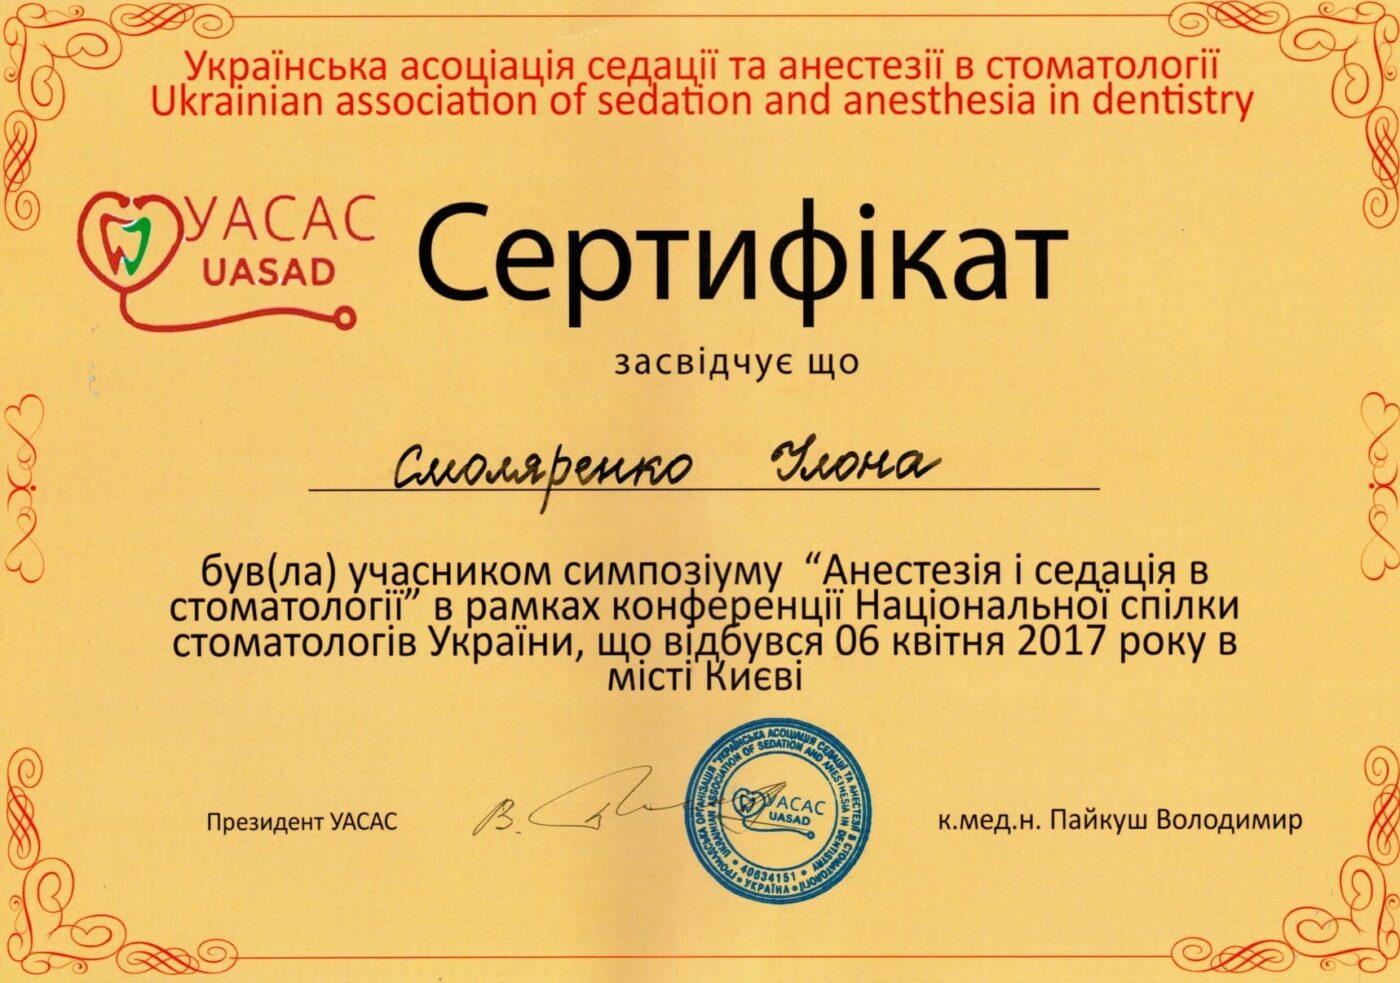 Сертифікат дитячого лікаря стоматолога Смоляренко Ілони Олегівни об участі у конференции (Анестезія і седація в стоматології)